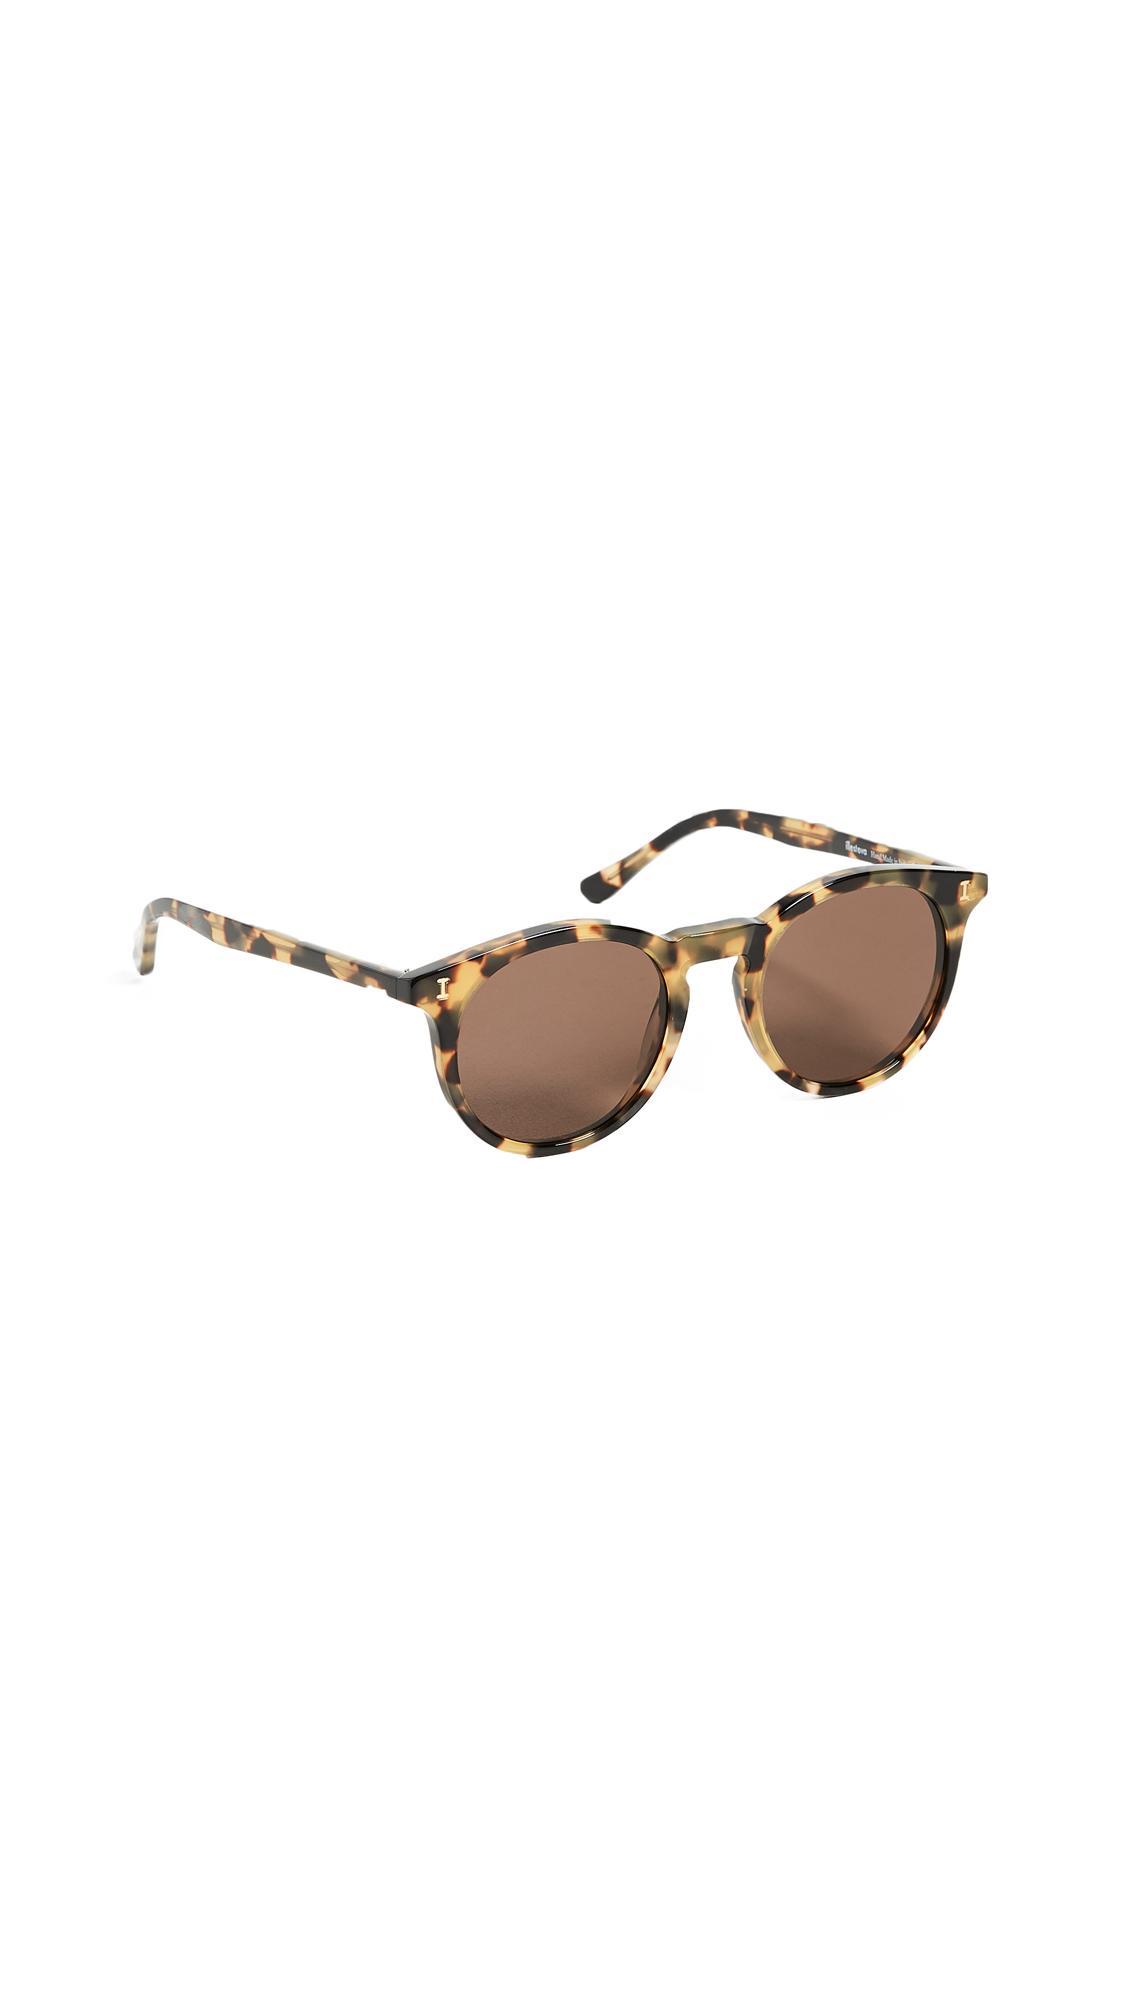 049e088dbf Illesteva Sterling Sunglasses In Tortoise Brown